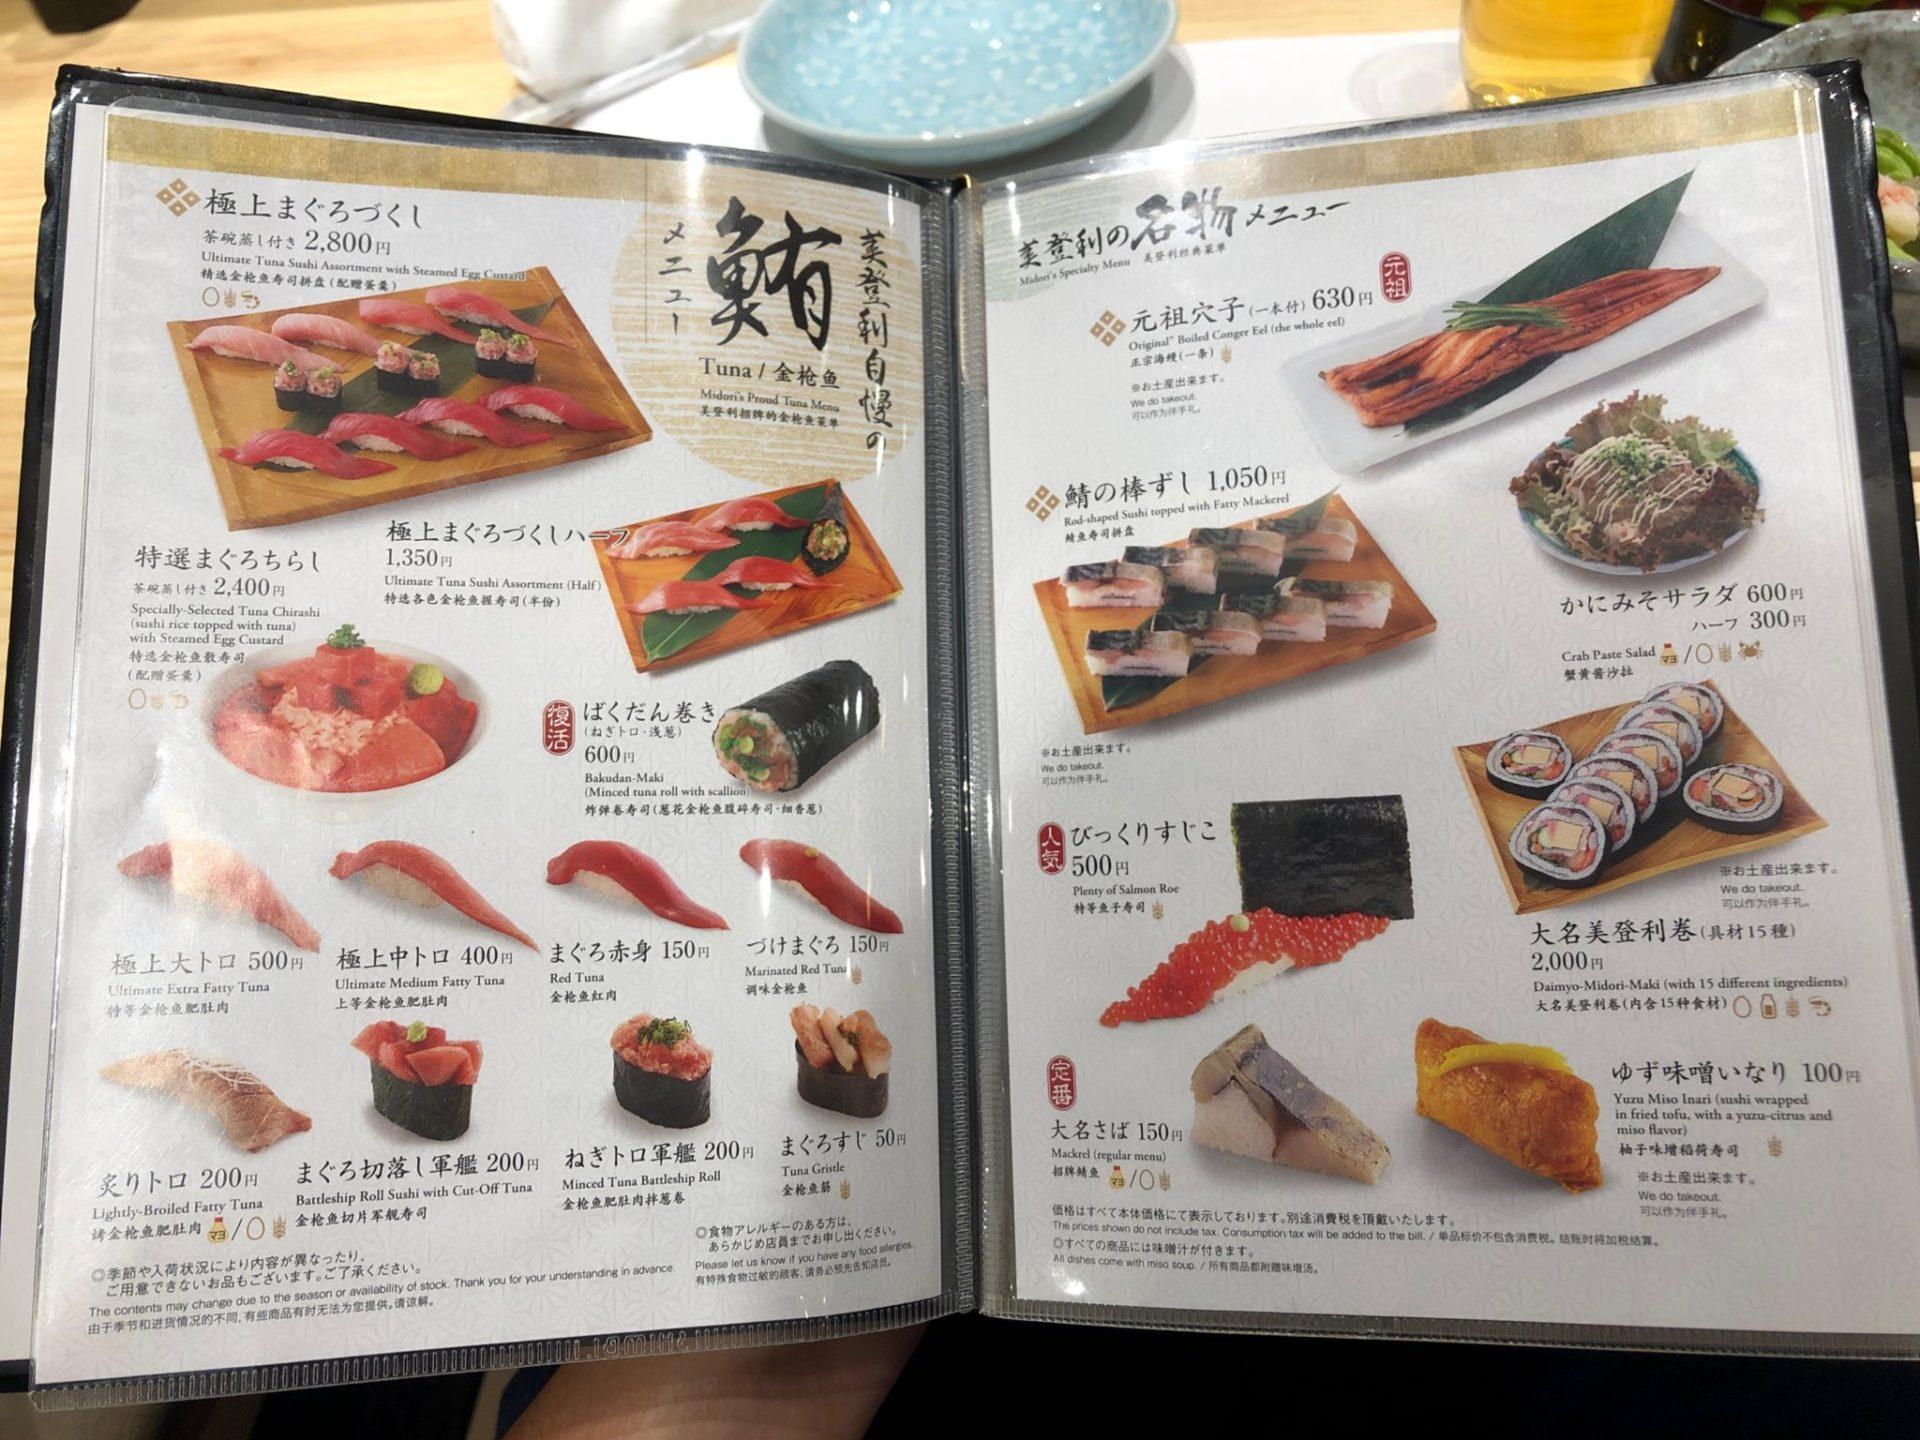 梅ヶ丘の美登利寿司のメニュー